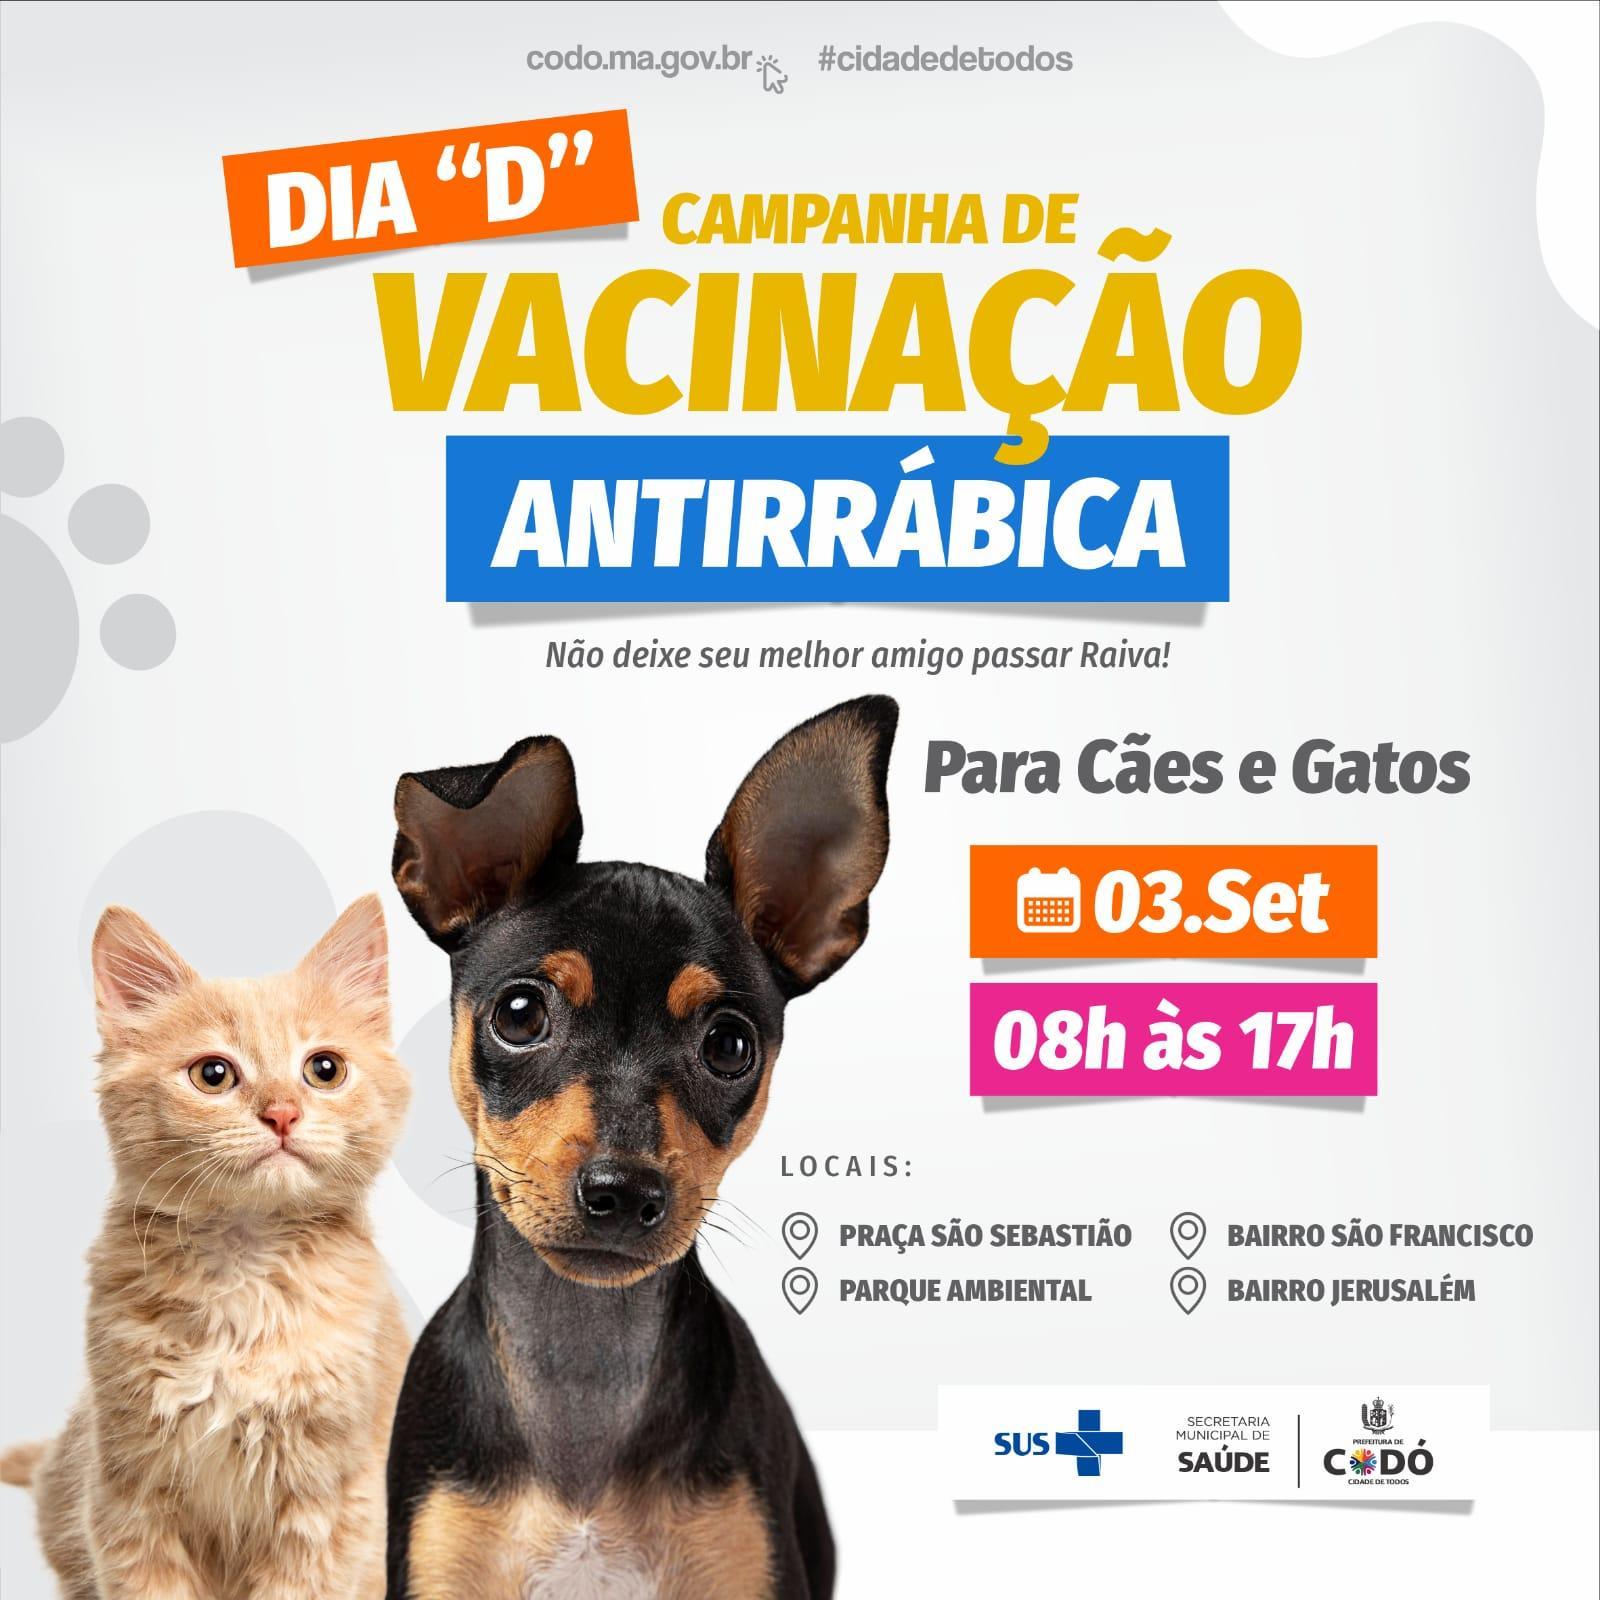 Prefeitura vai realizar Campanha de Vacinação Antirrábica nesta sexta-feira (3), em Codó